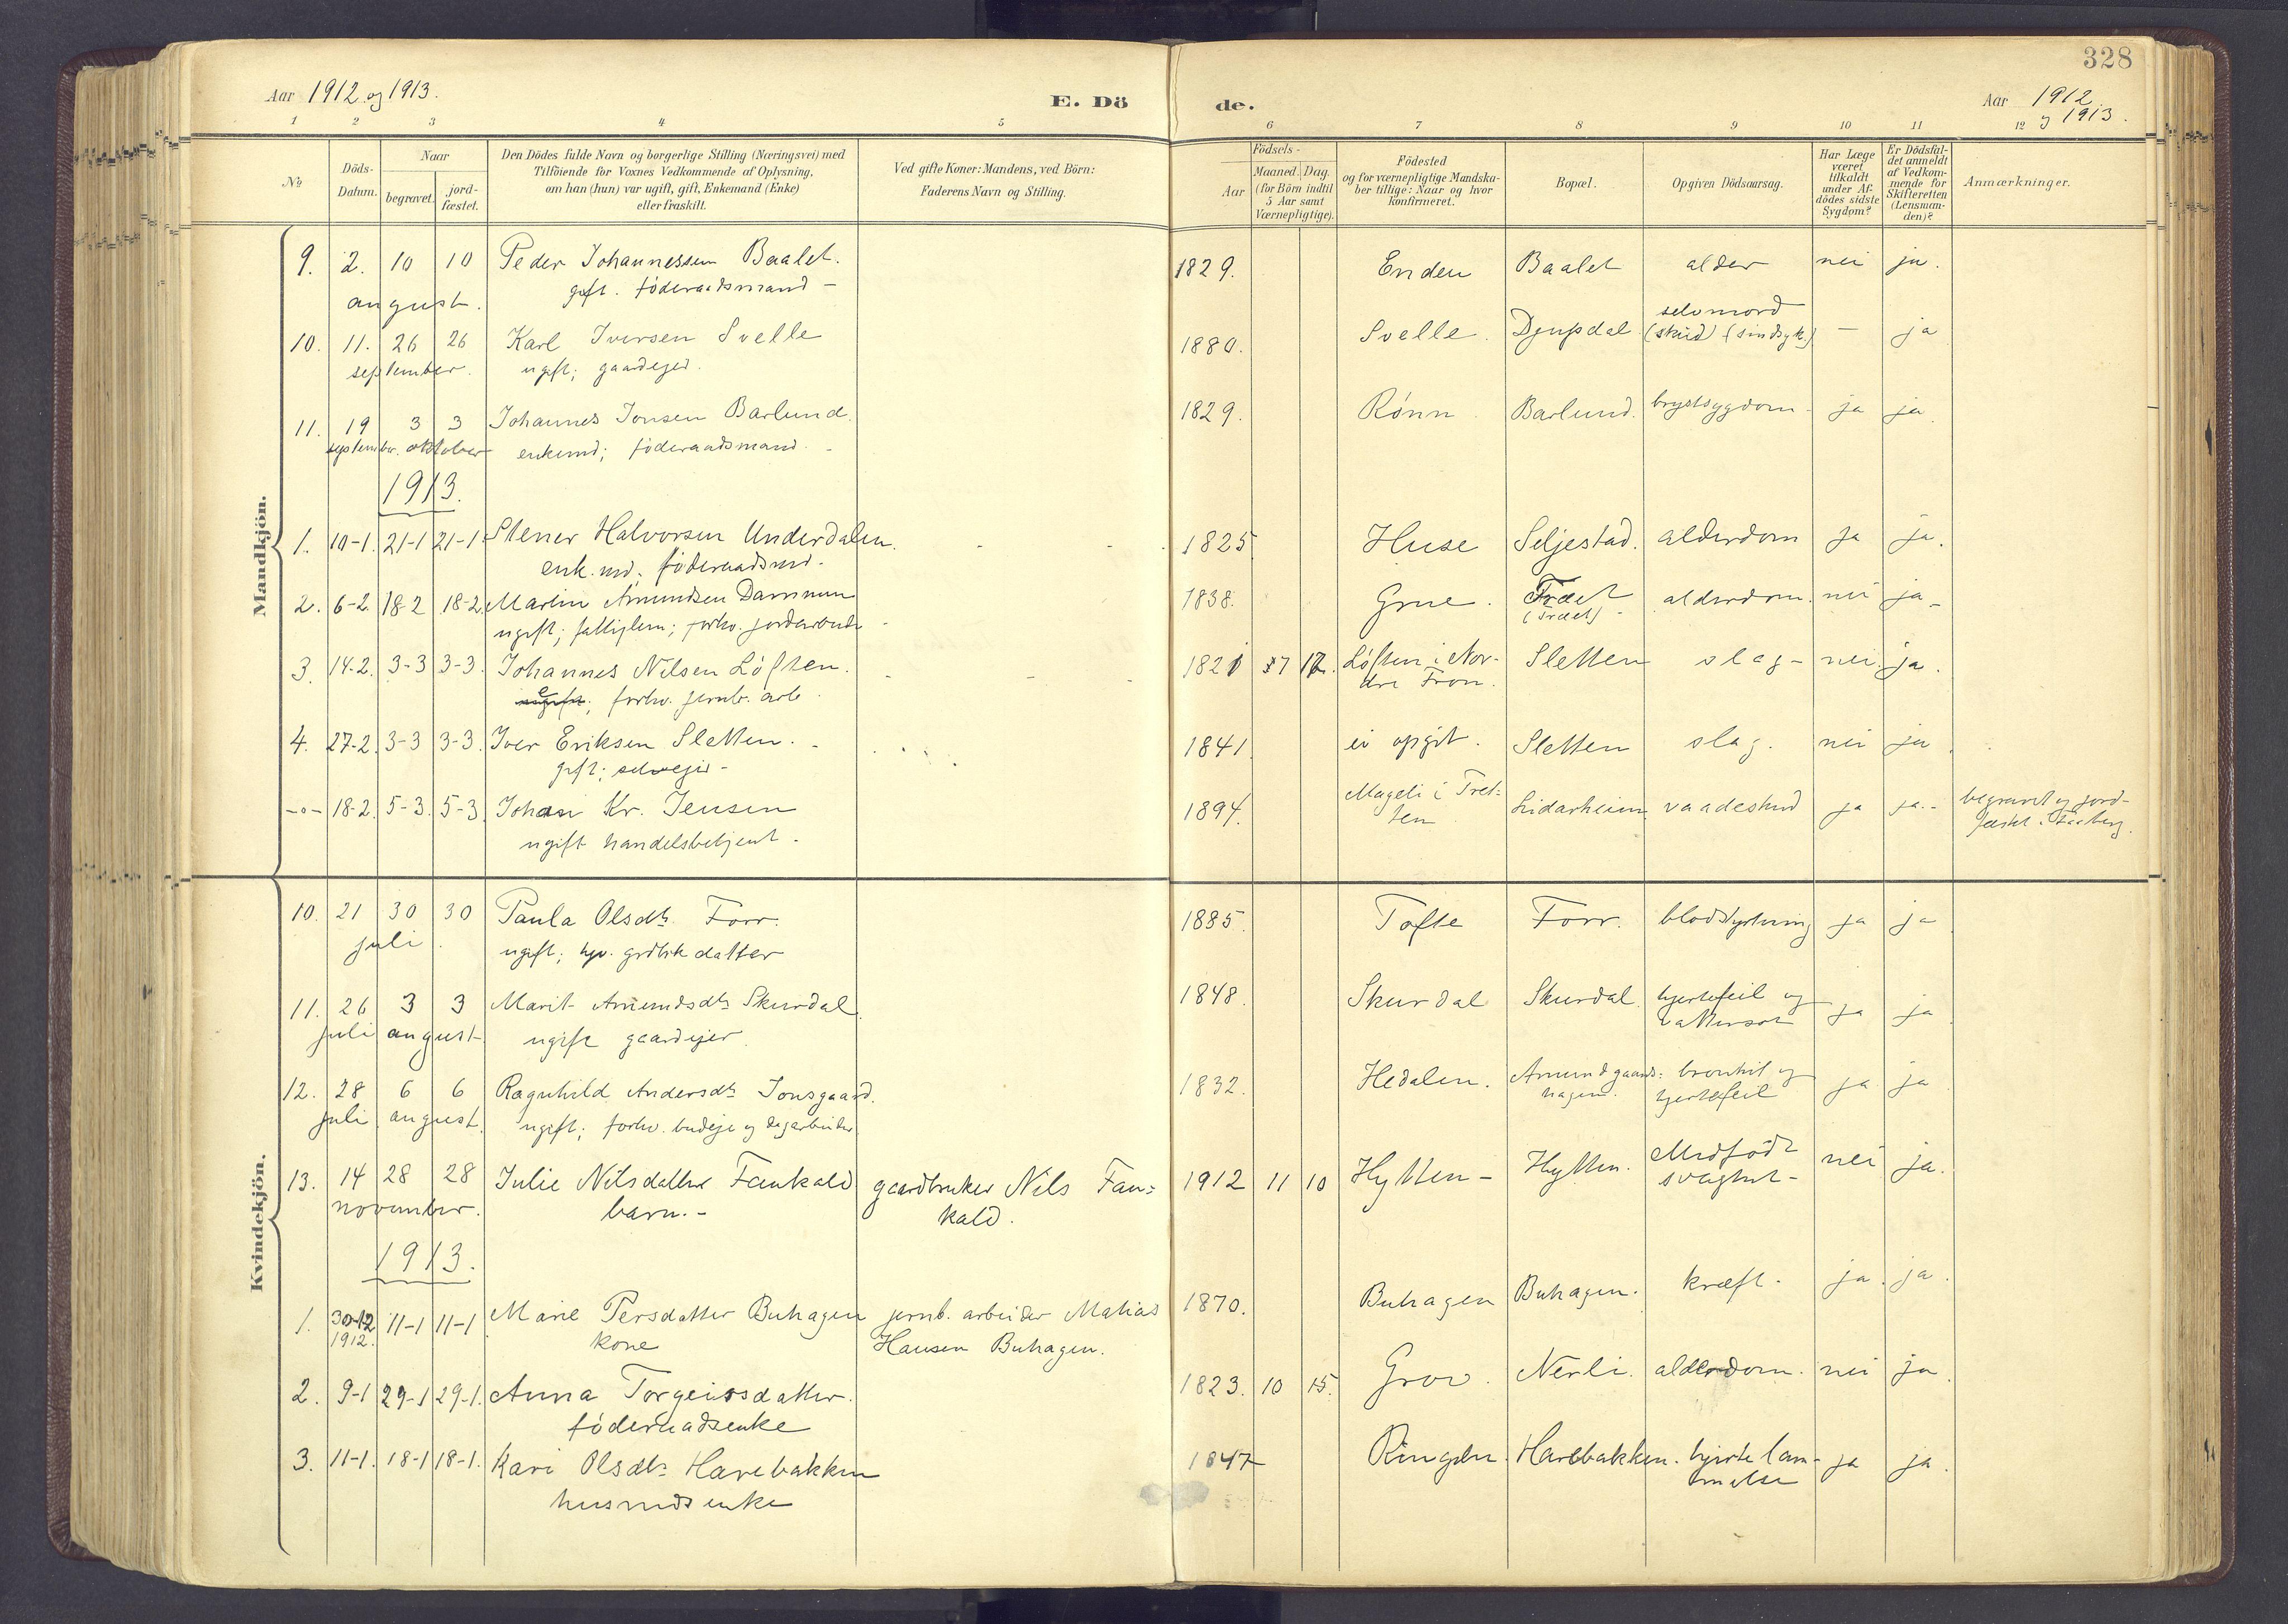 SAH, Sør-Fron prestekontor, H/Ha/Haa/L0004: Parish register (official) no. 4, 1898-1919, p. 328